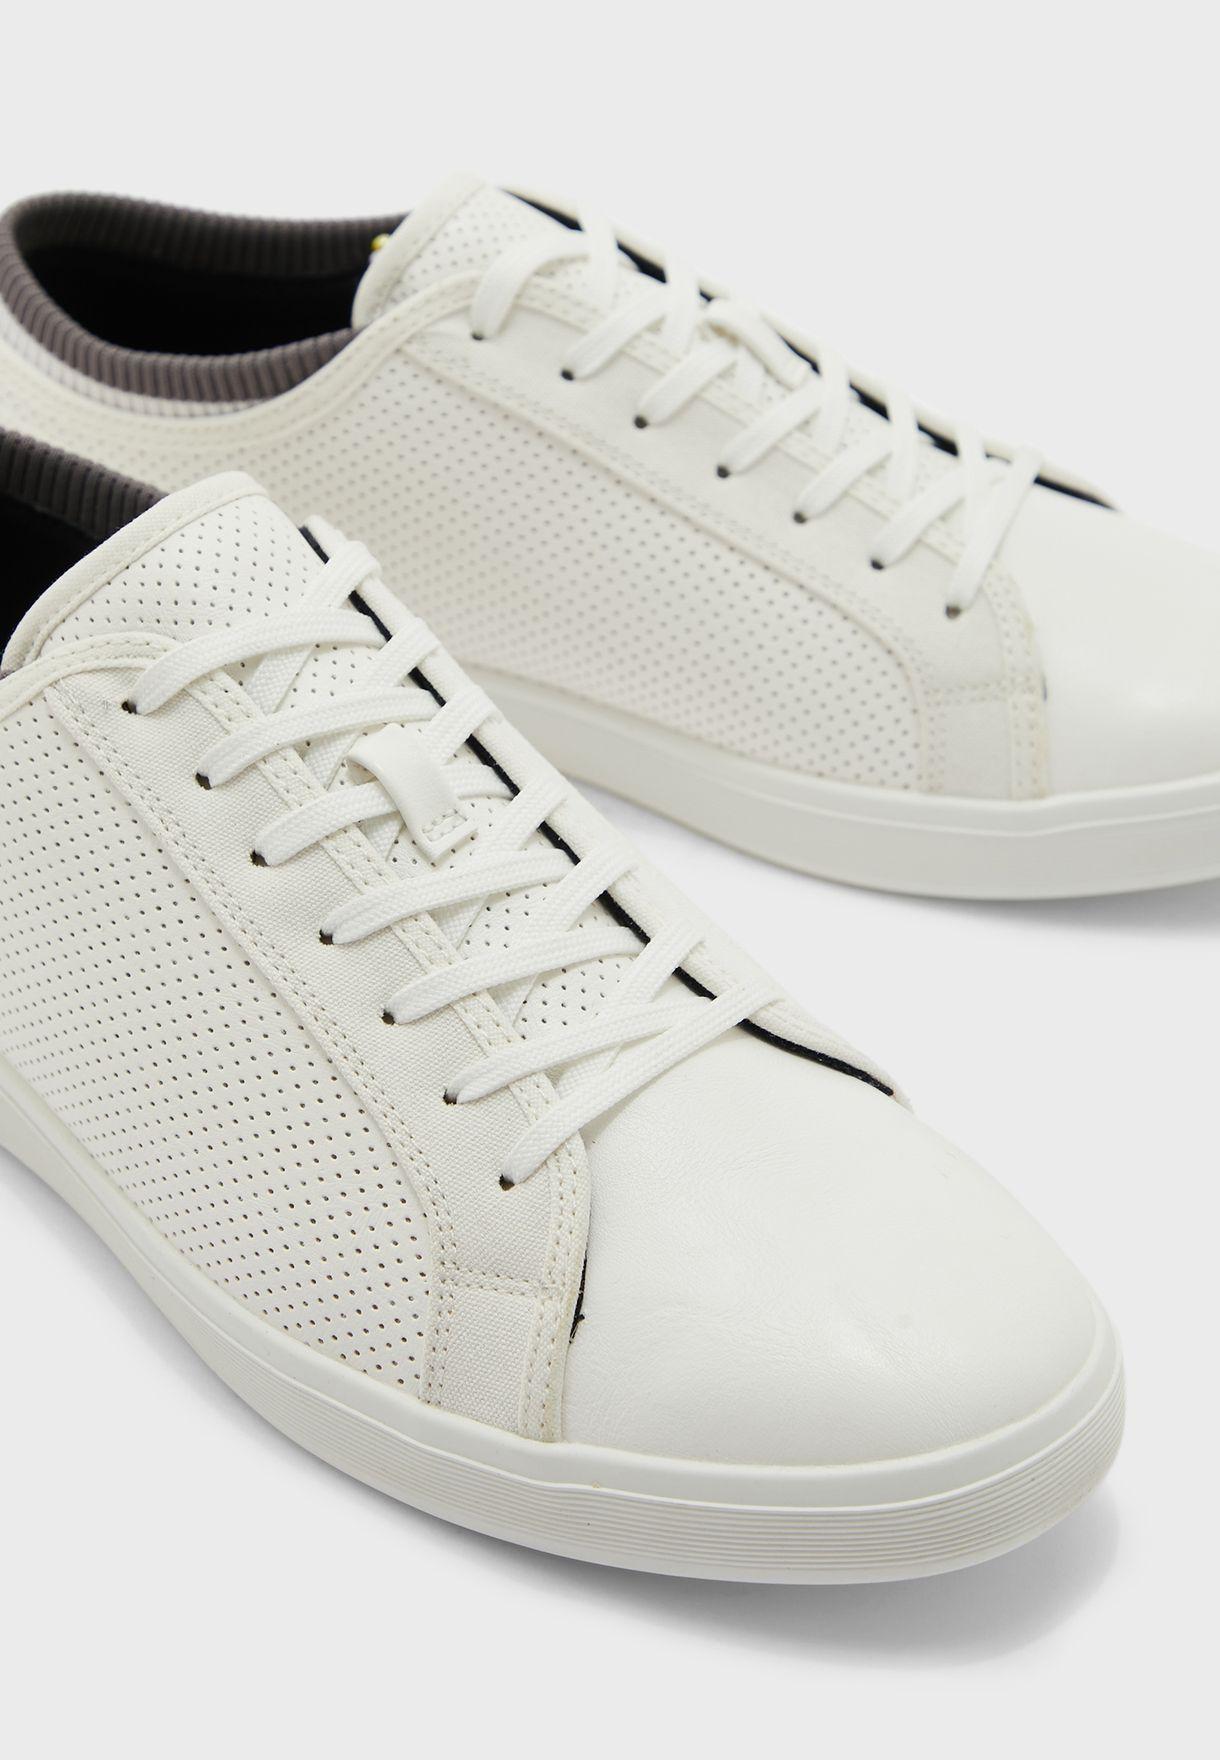 Hesterberg Sneakers